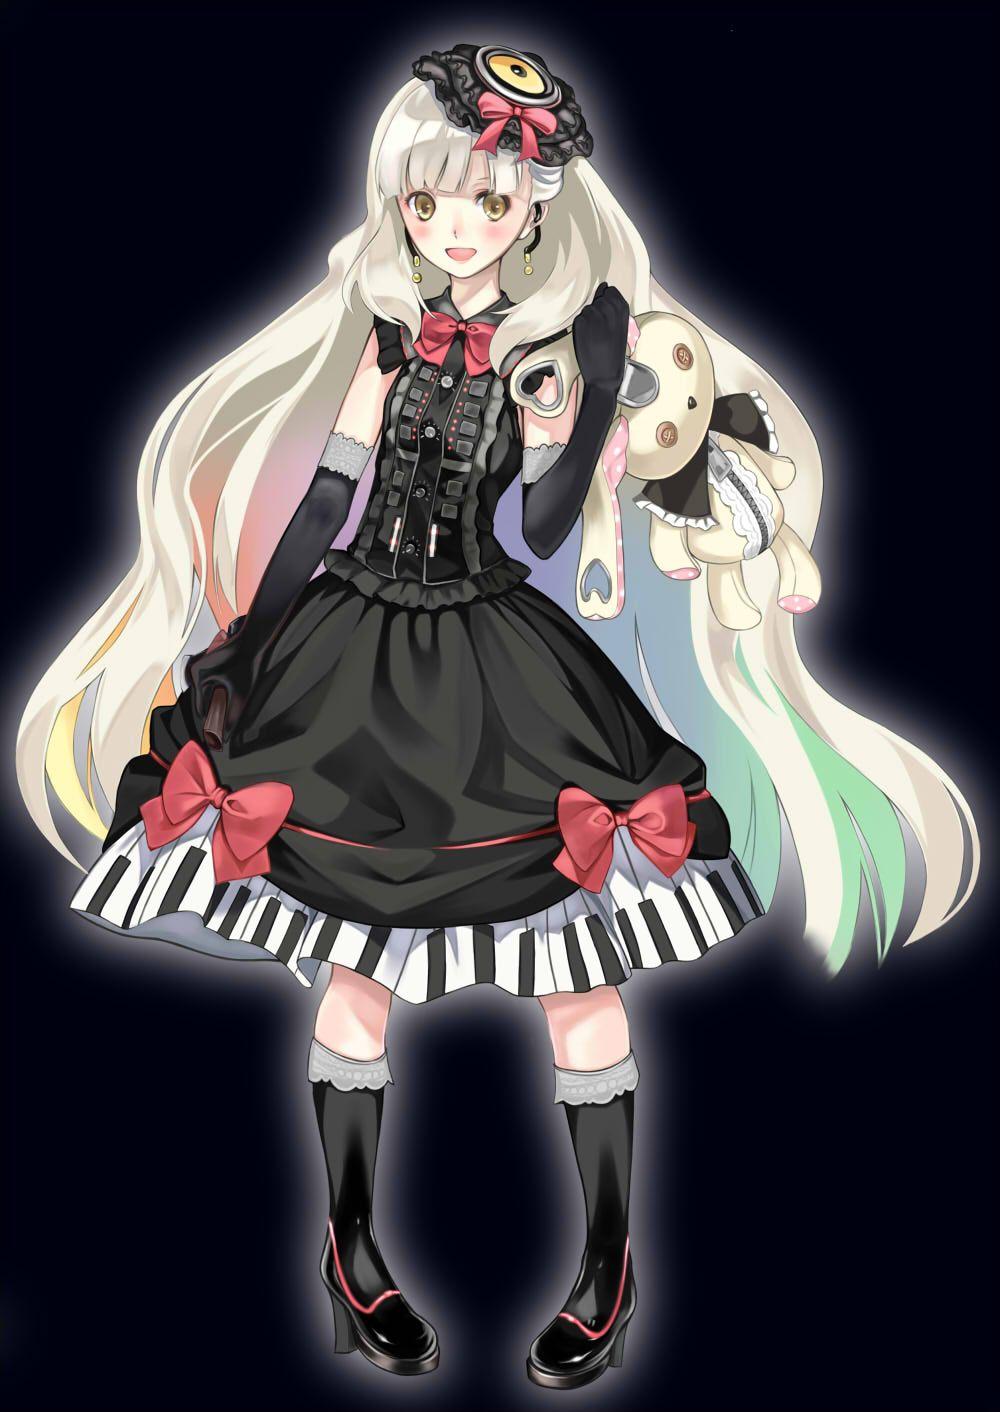 Pinterest Vocaloid mayu, Vocaloid, Anime